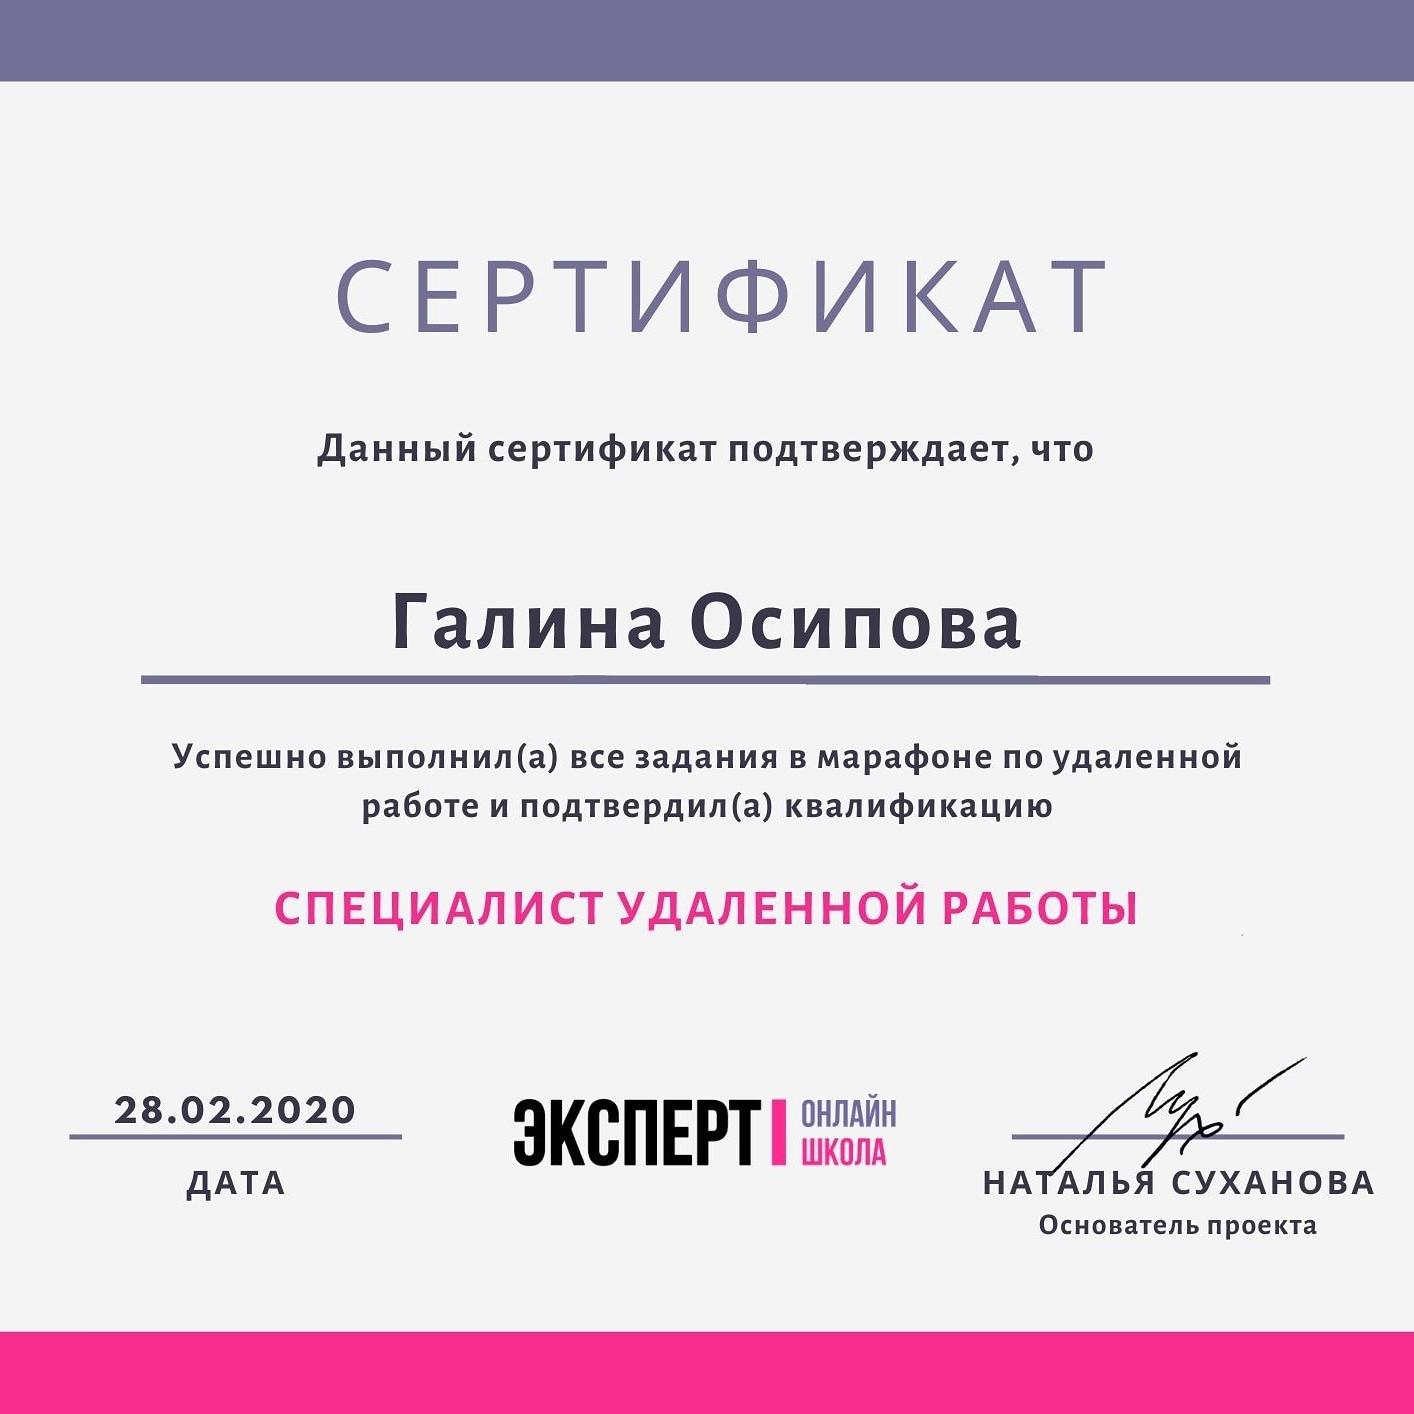 sertifikat udadennoy raboty proekt ekspert